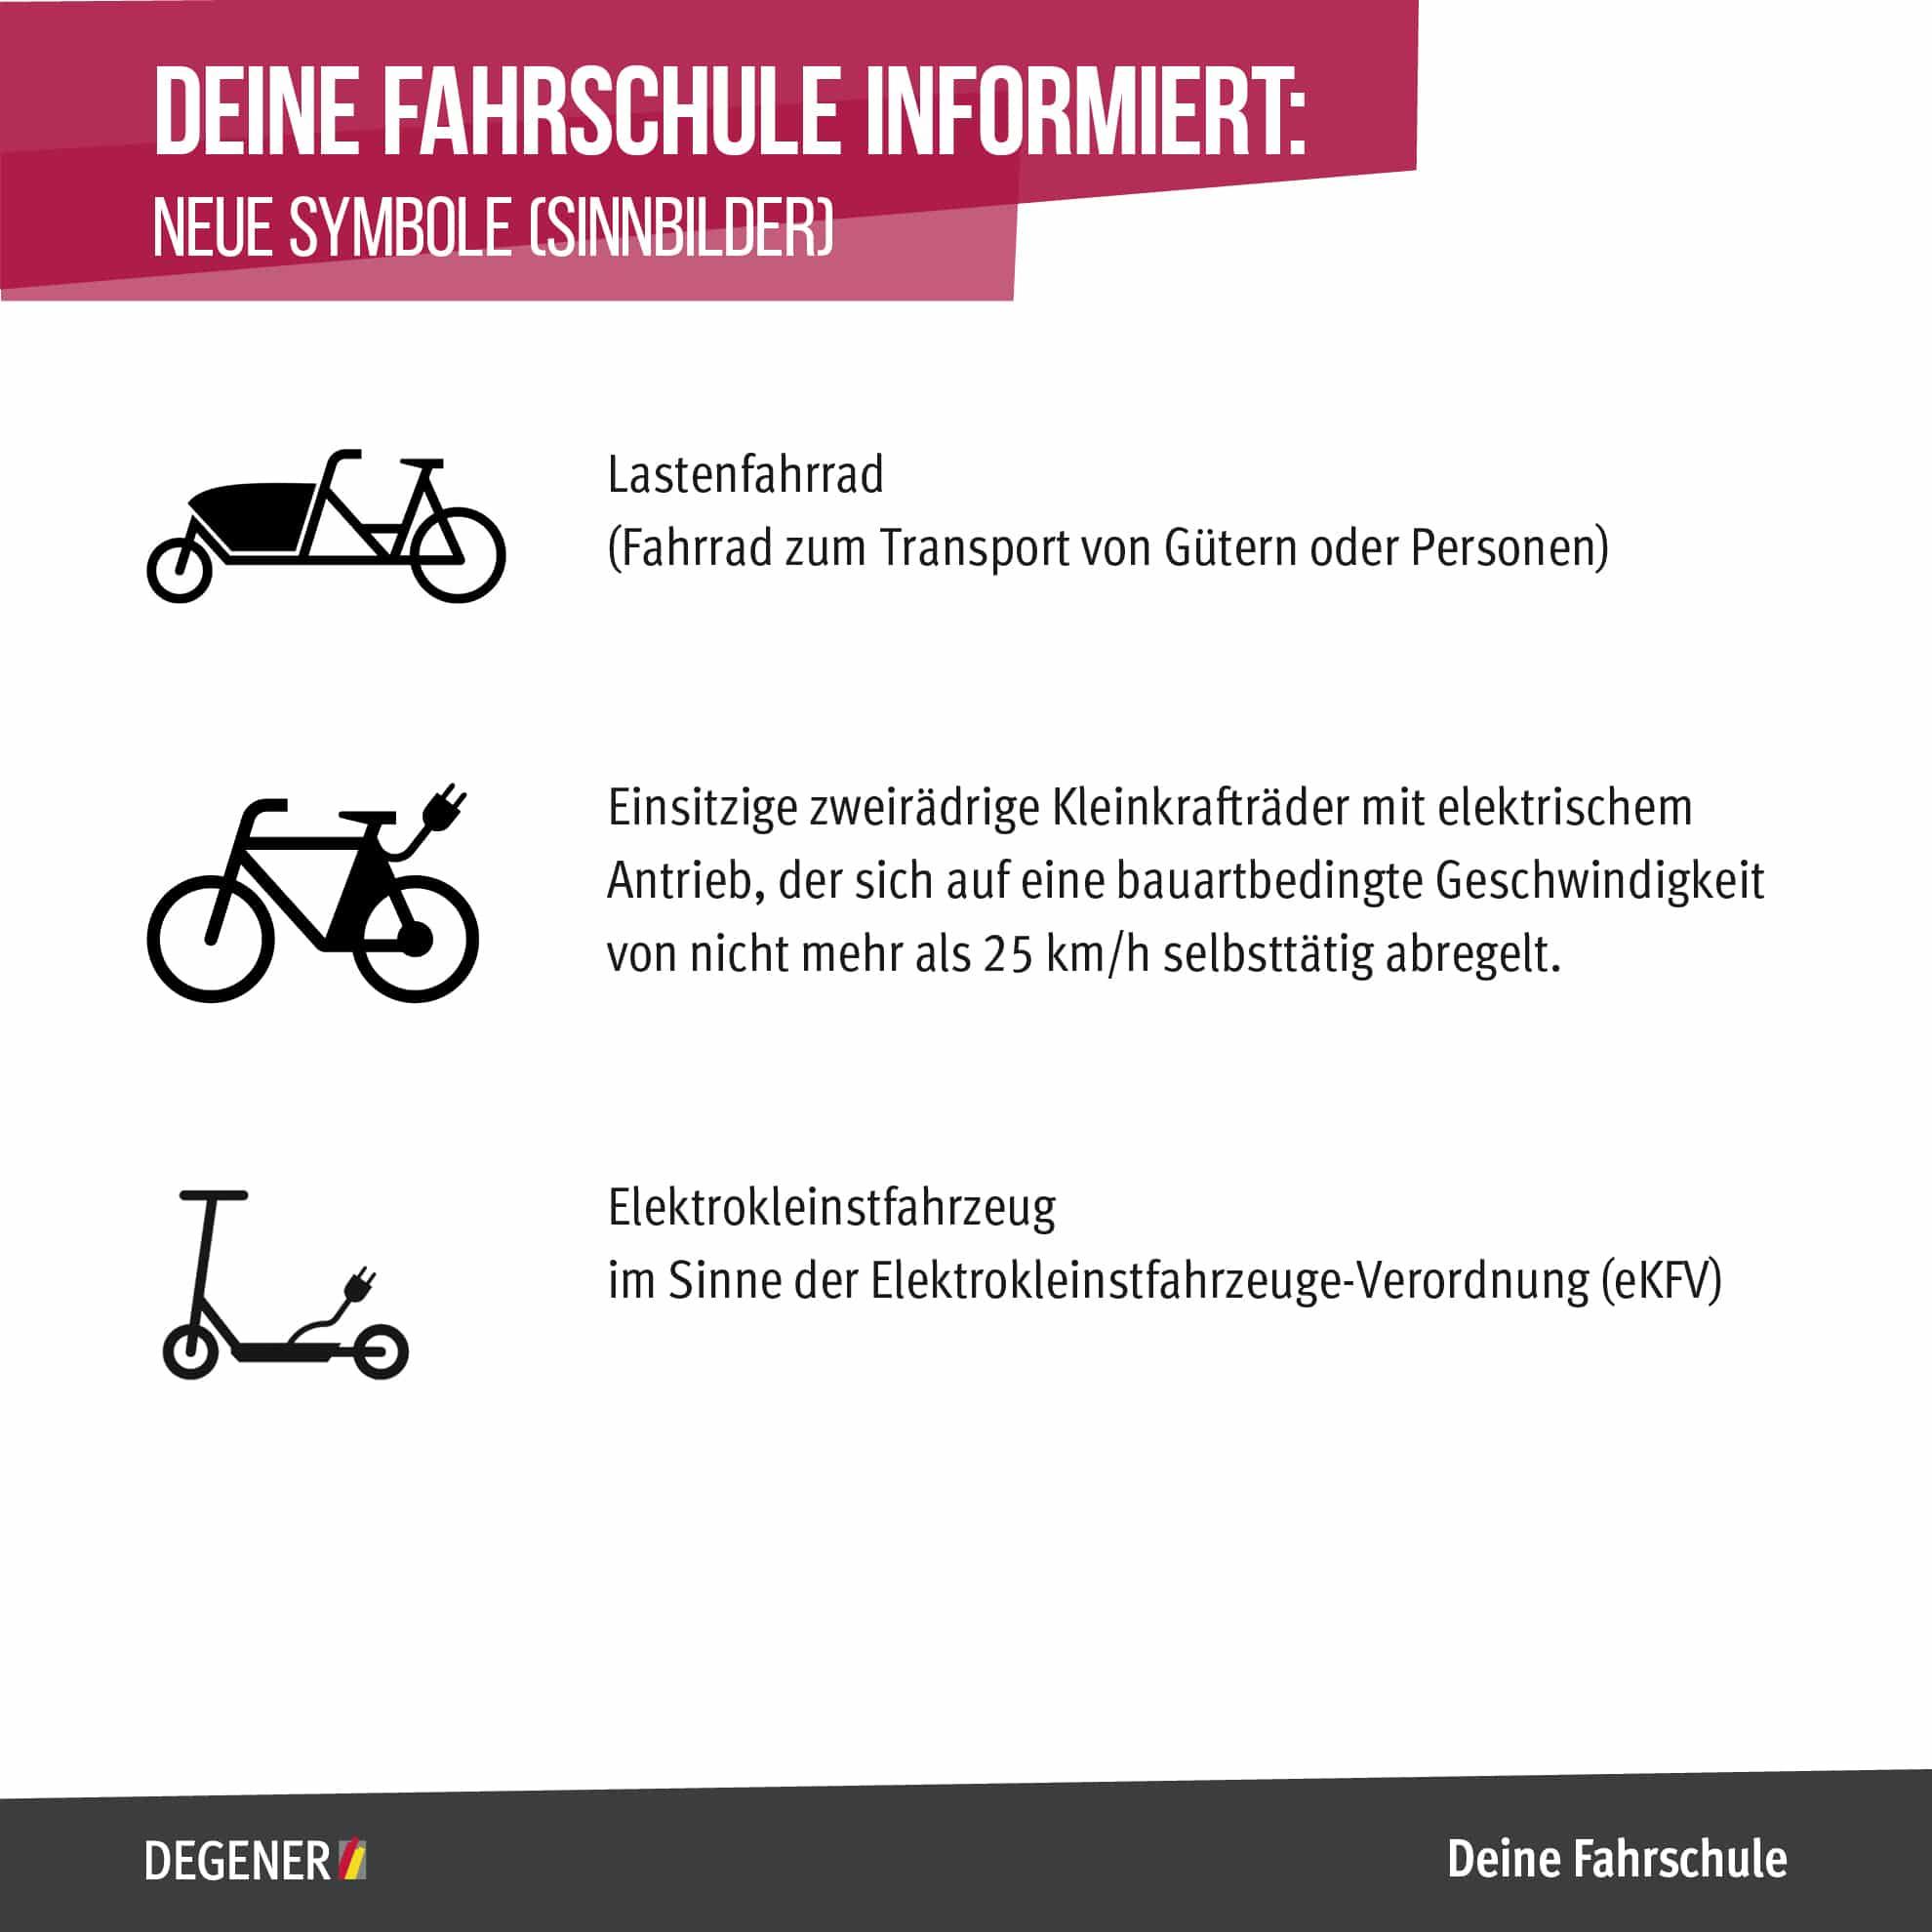 05_Deine-FS-informiert-neue-Verkehrszeichen